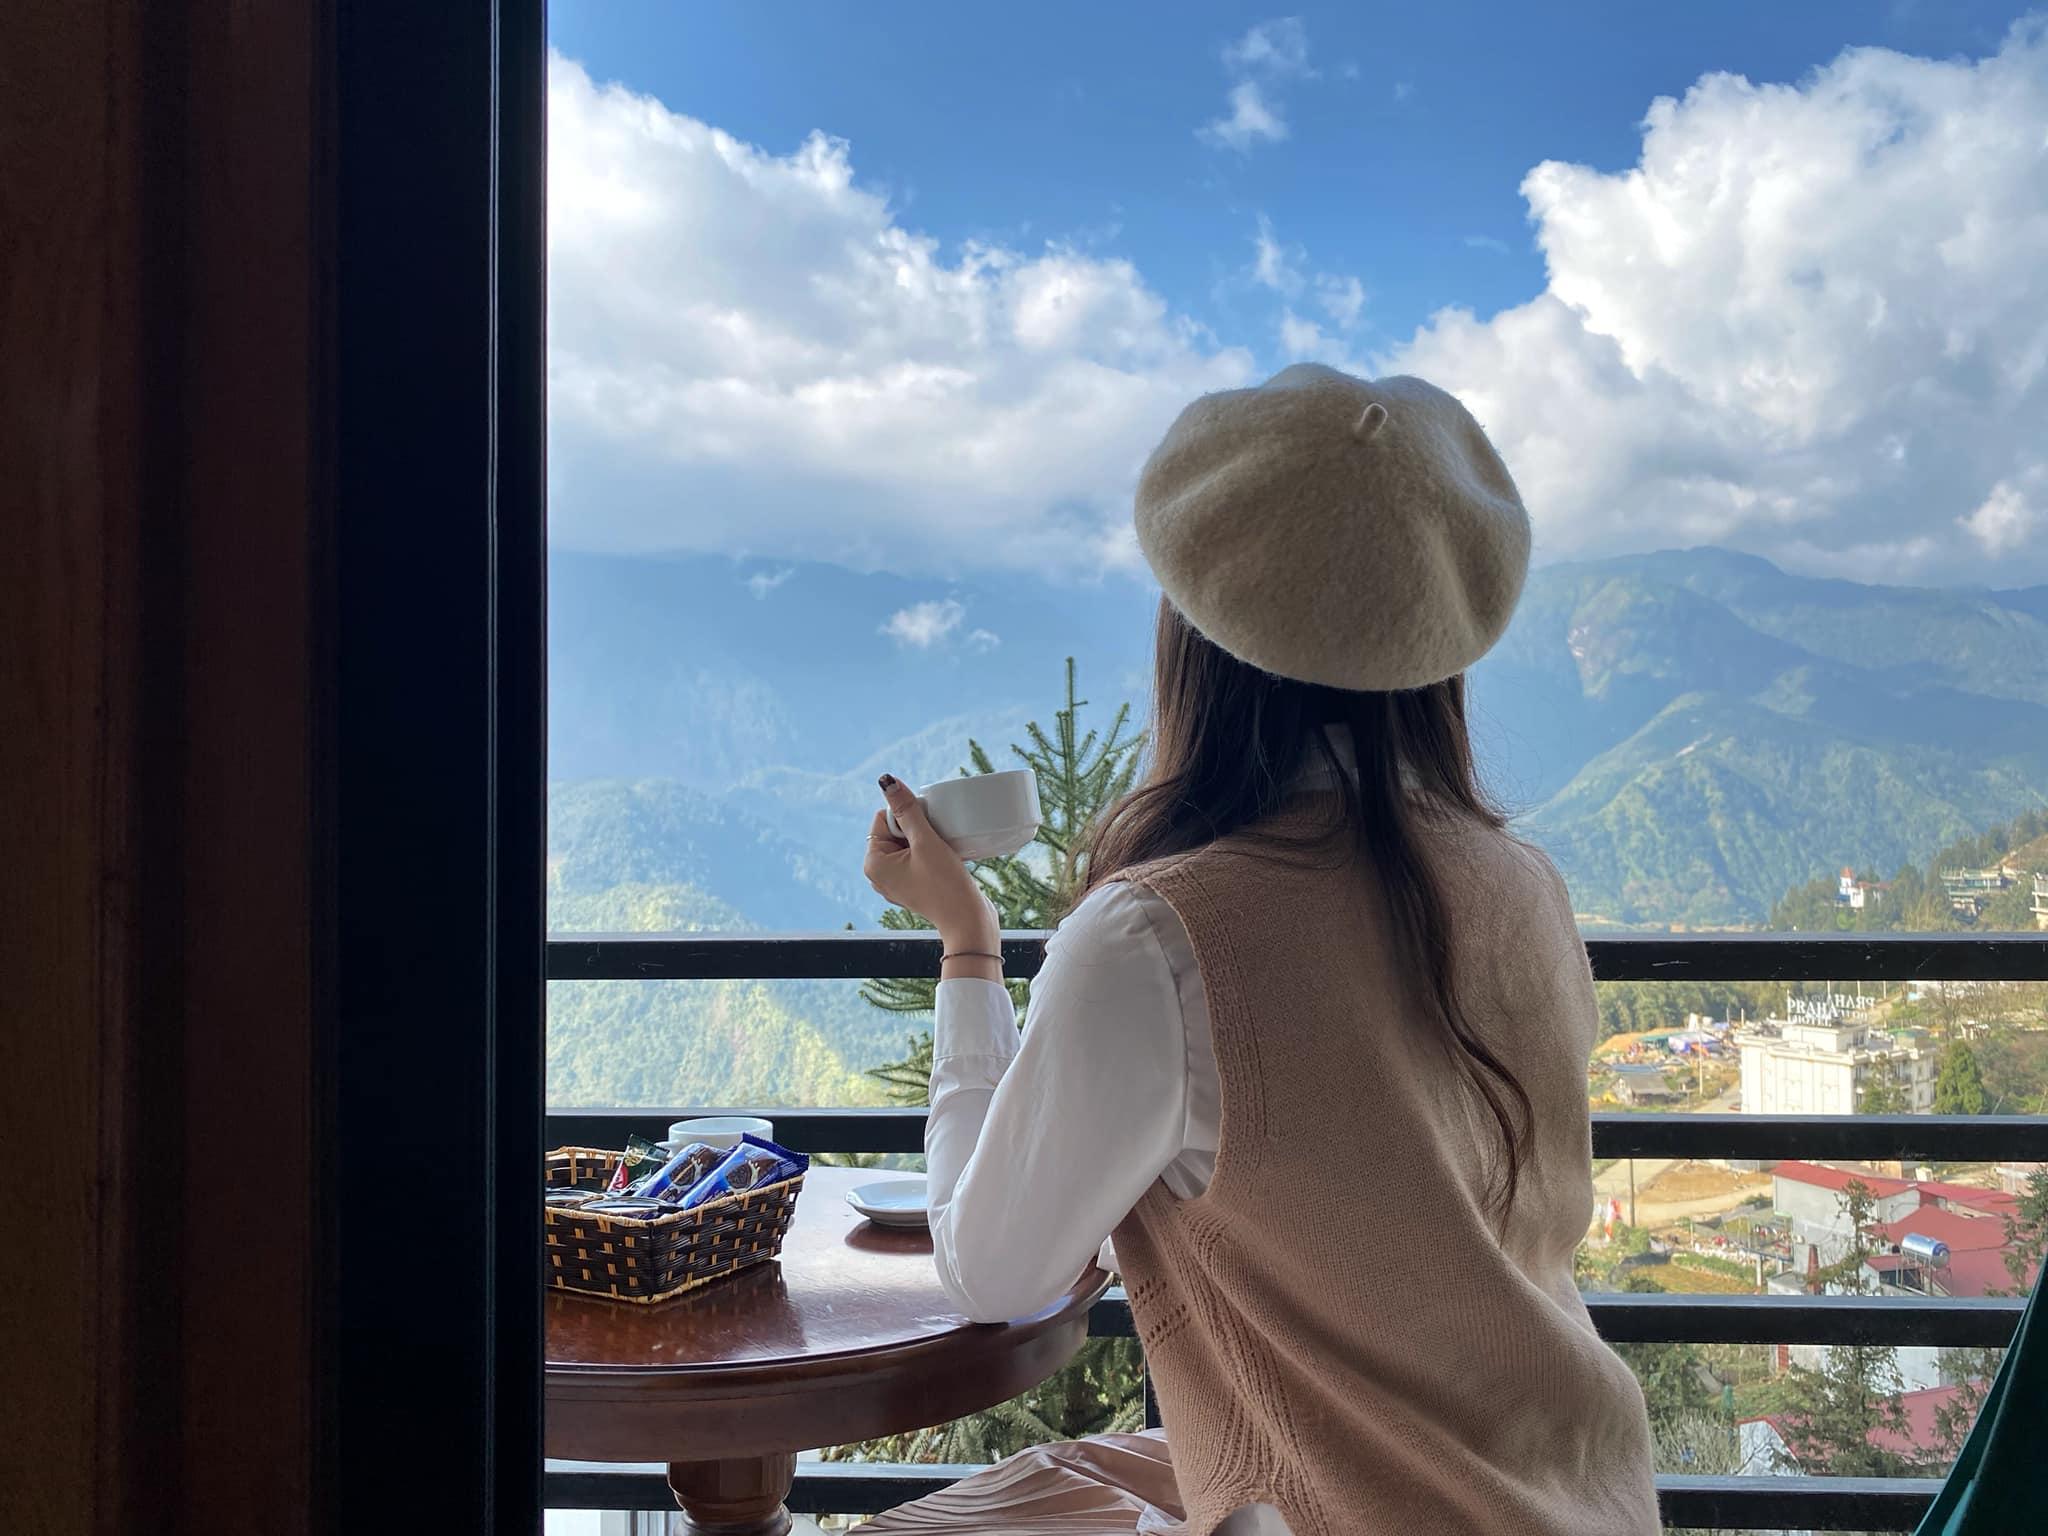 Tour du lịch Sapa từ Quảng Ninh: Rộn rã ngày hè với những gói tour cực ưu đãi  - Ảnh 9.